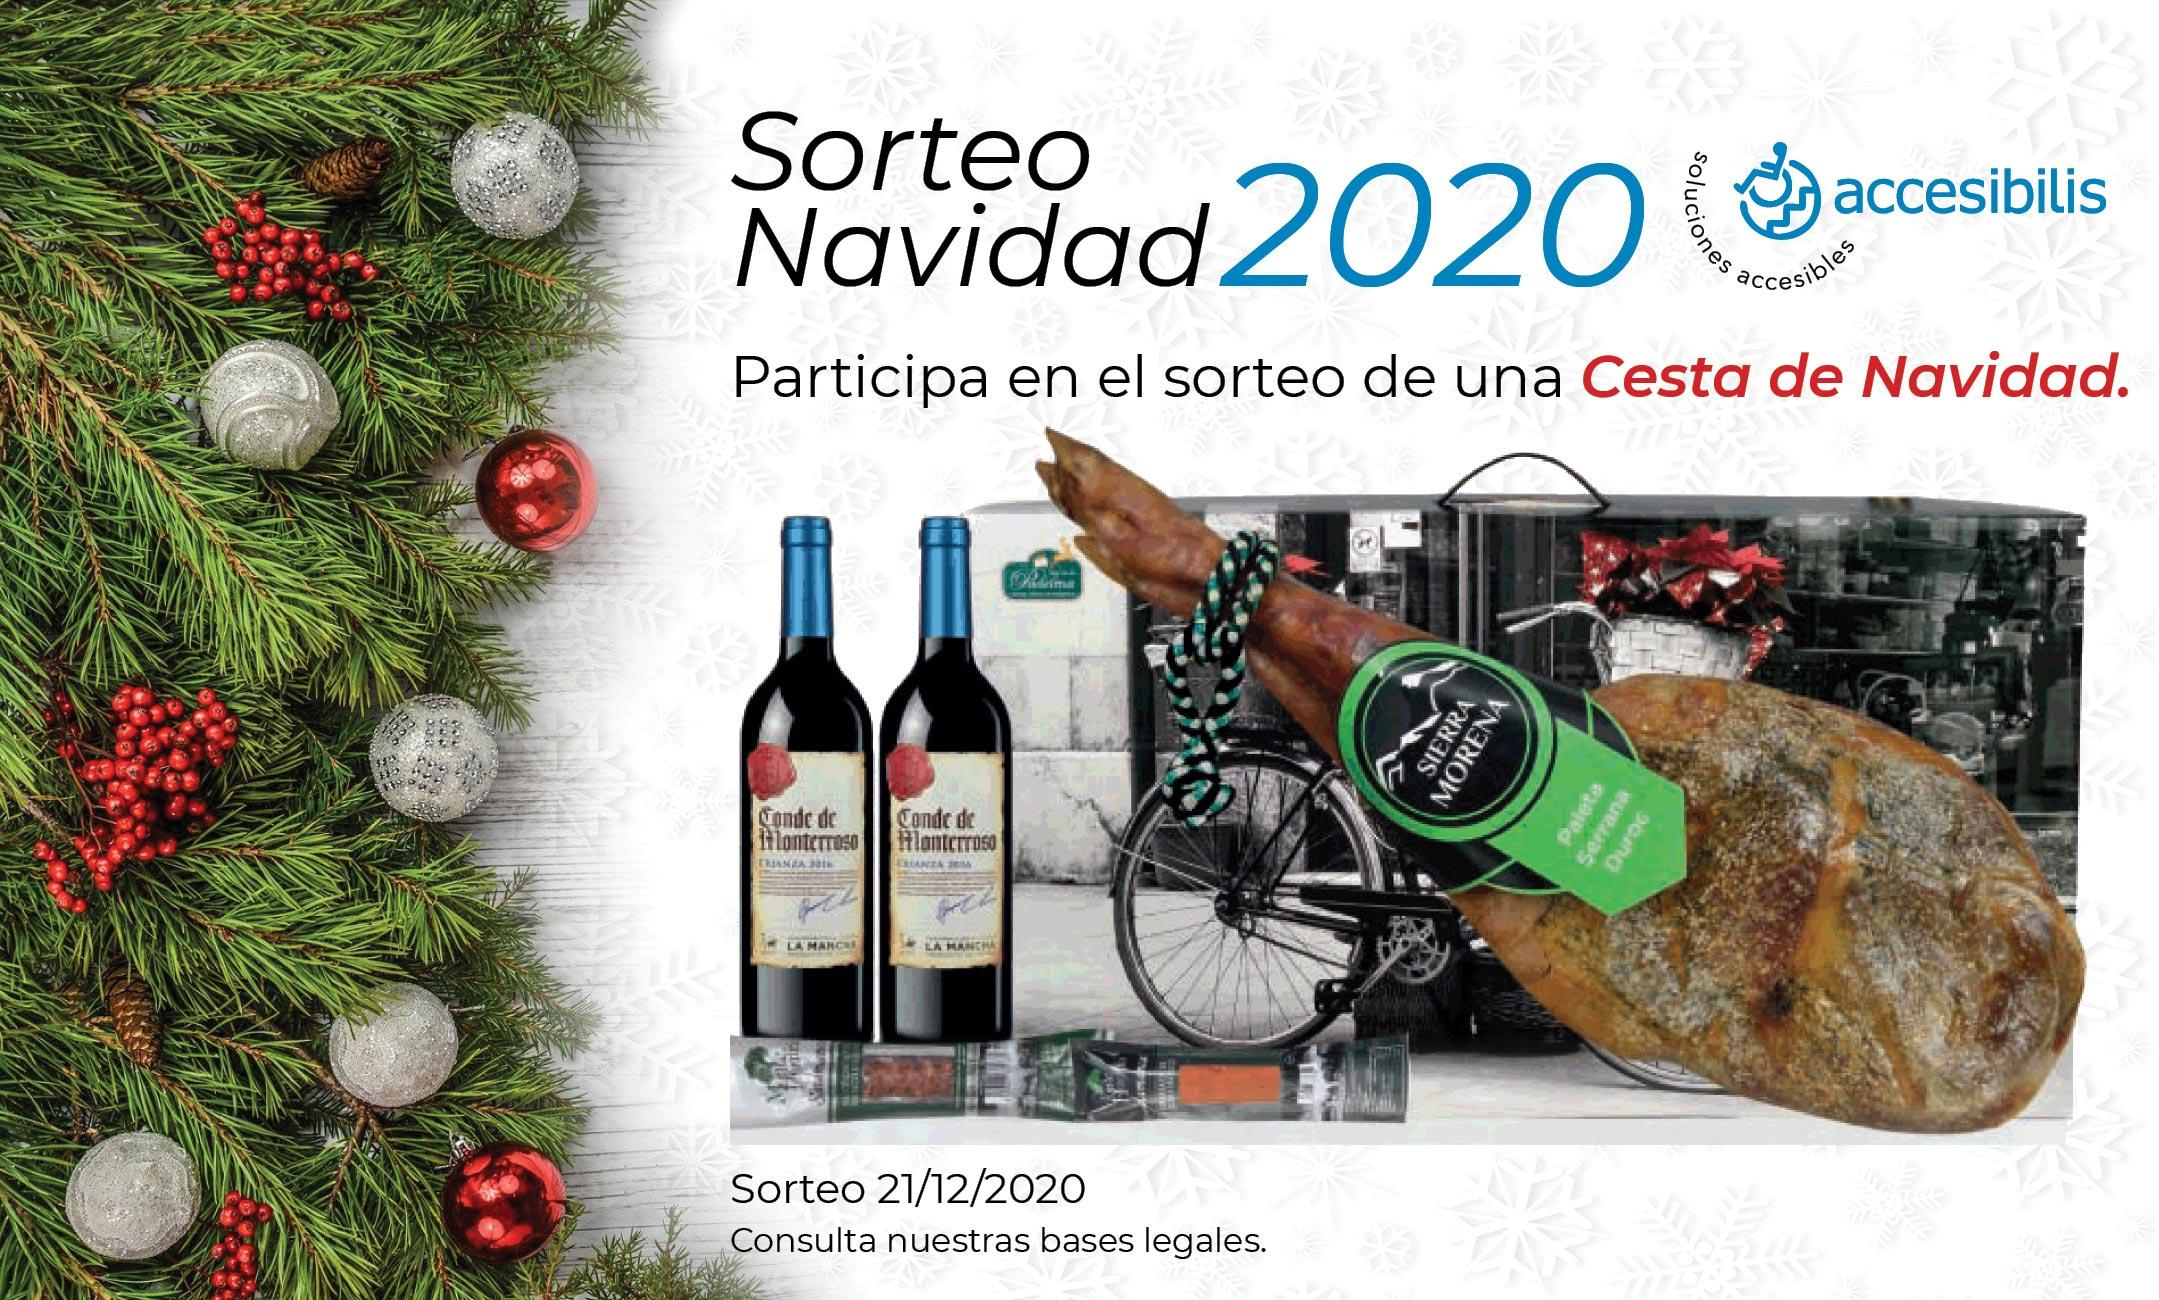 Sorteo Navidad 2020 Accesibilis